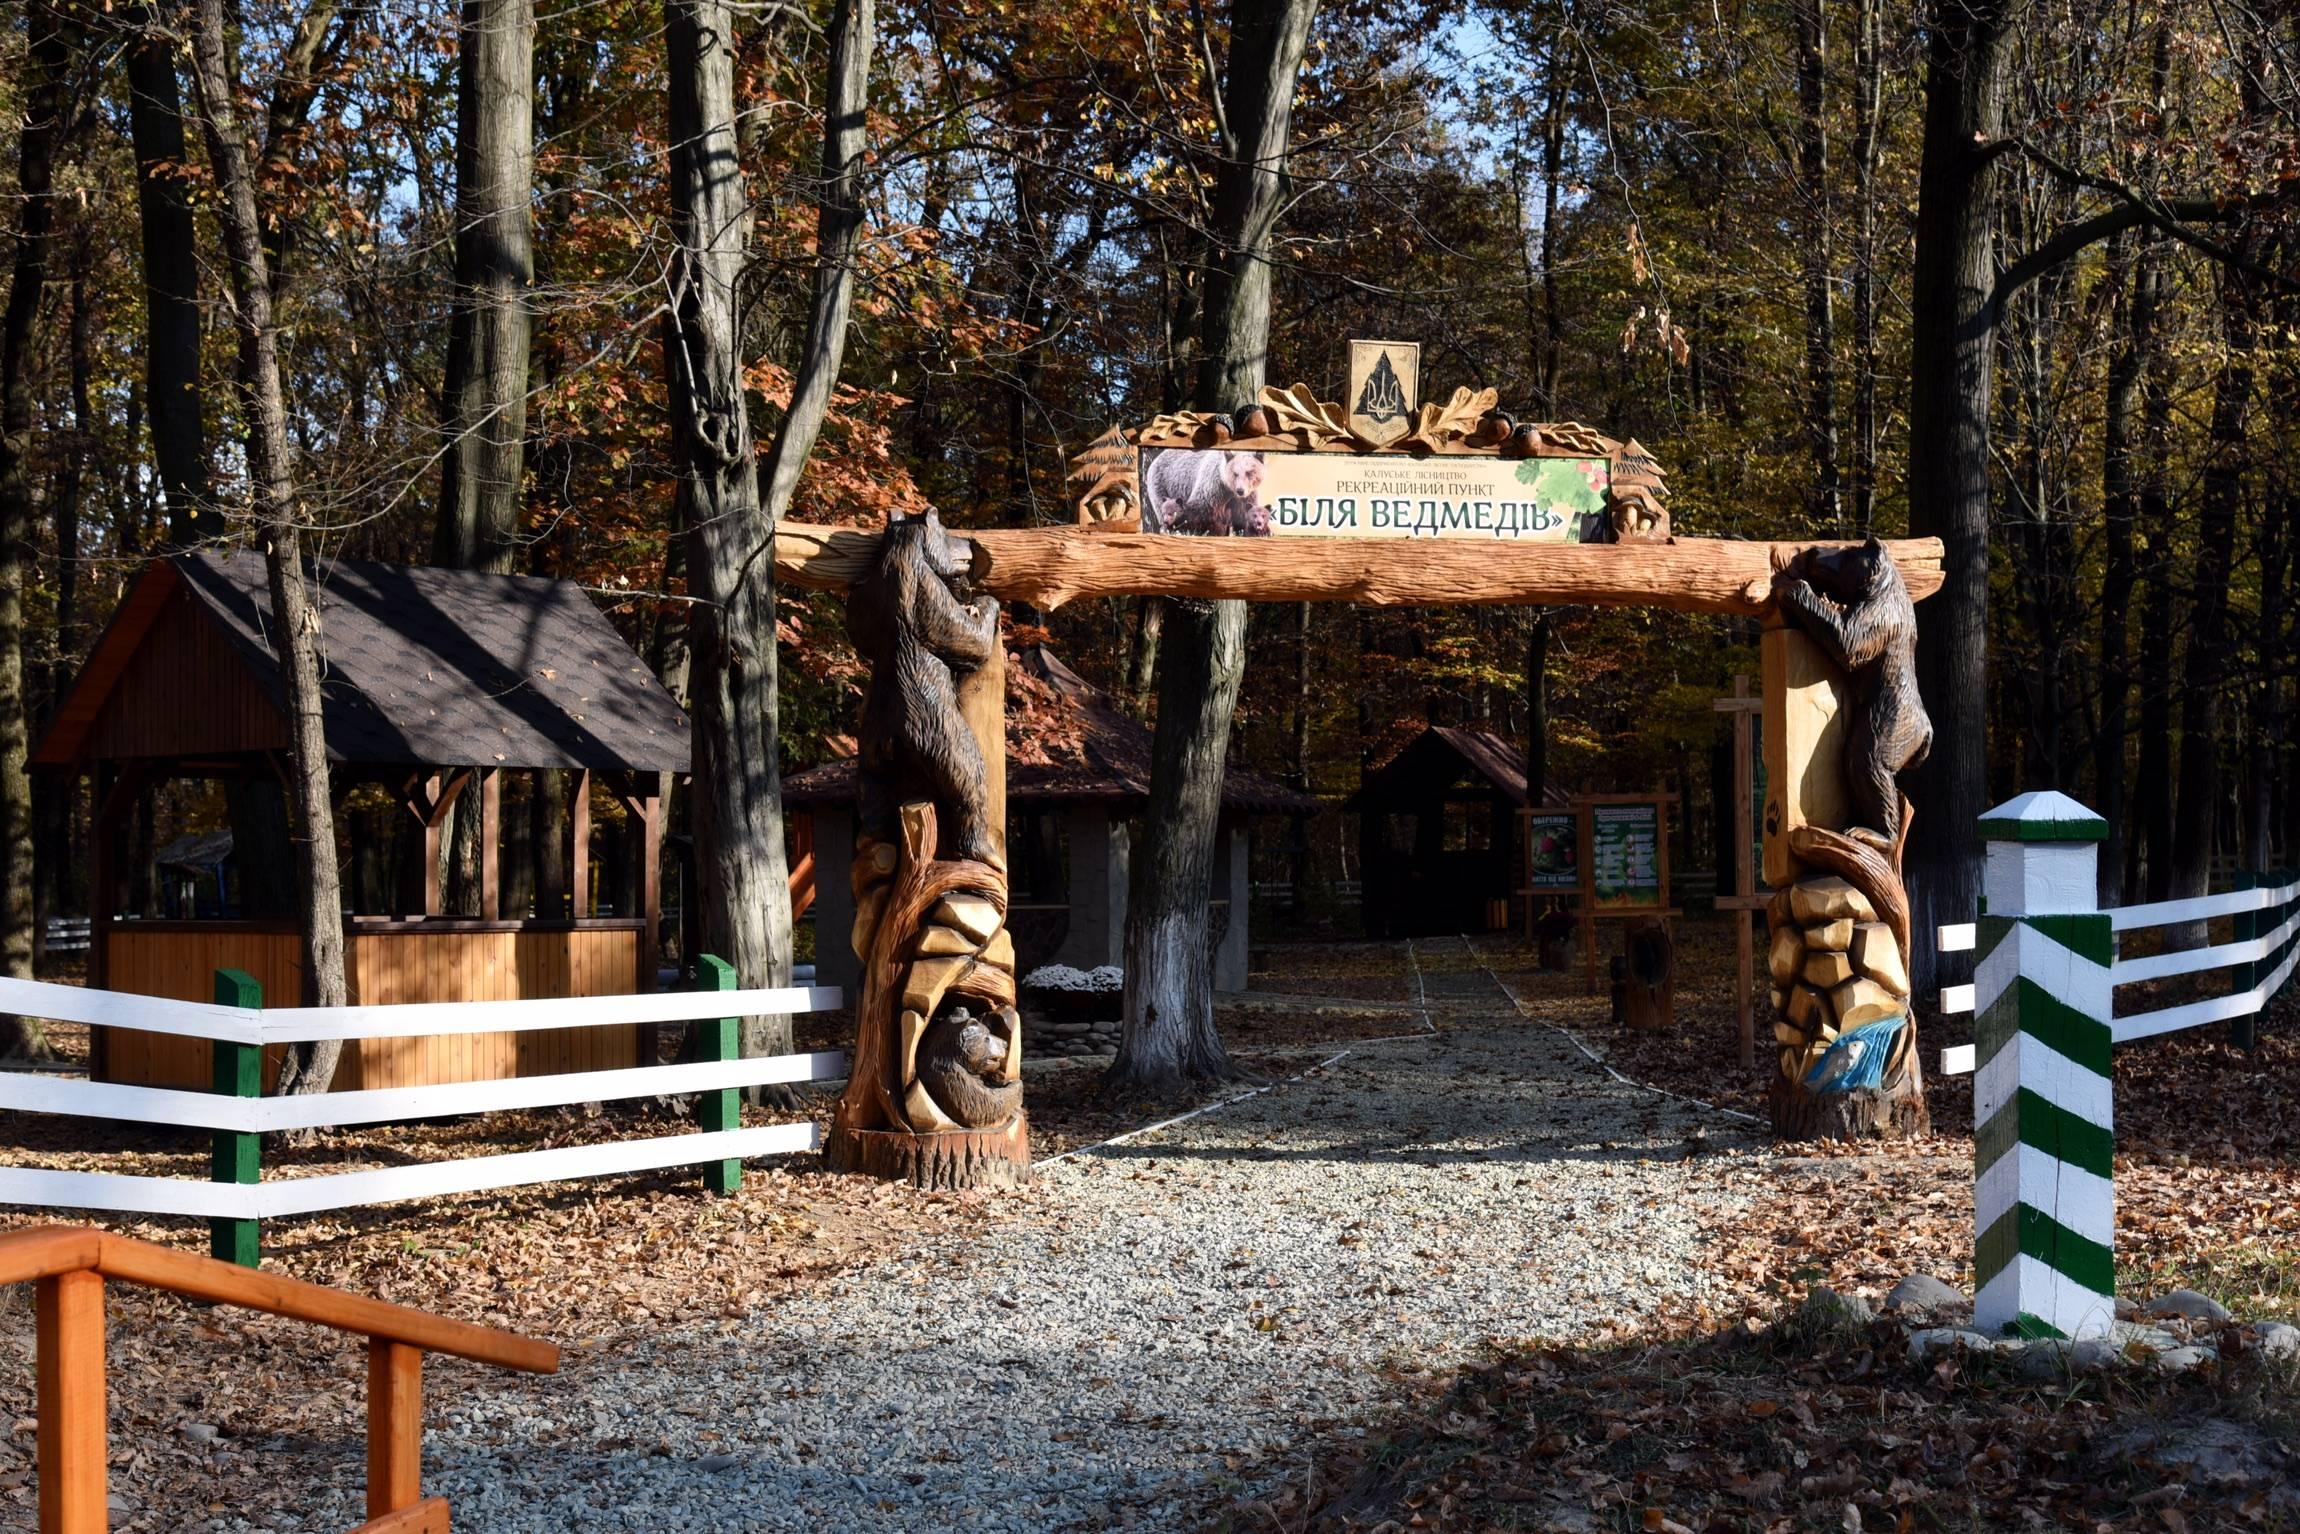 У Вістовій оновили рекреаційне місце «Біля ведмедів», якому більше 60 років (ФОТО)